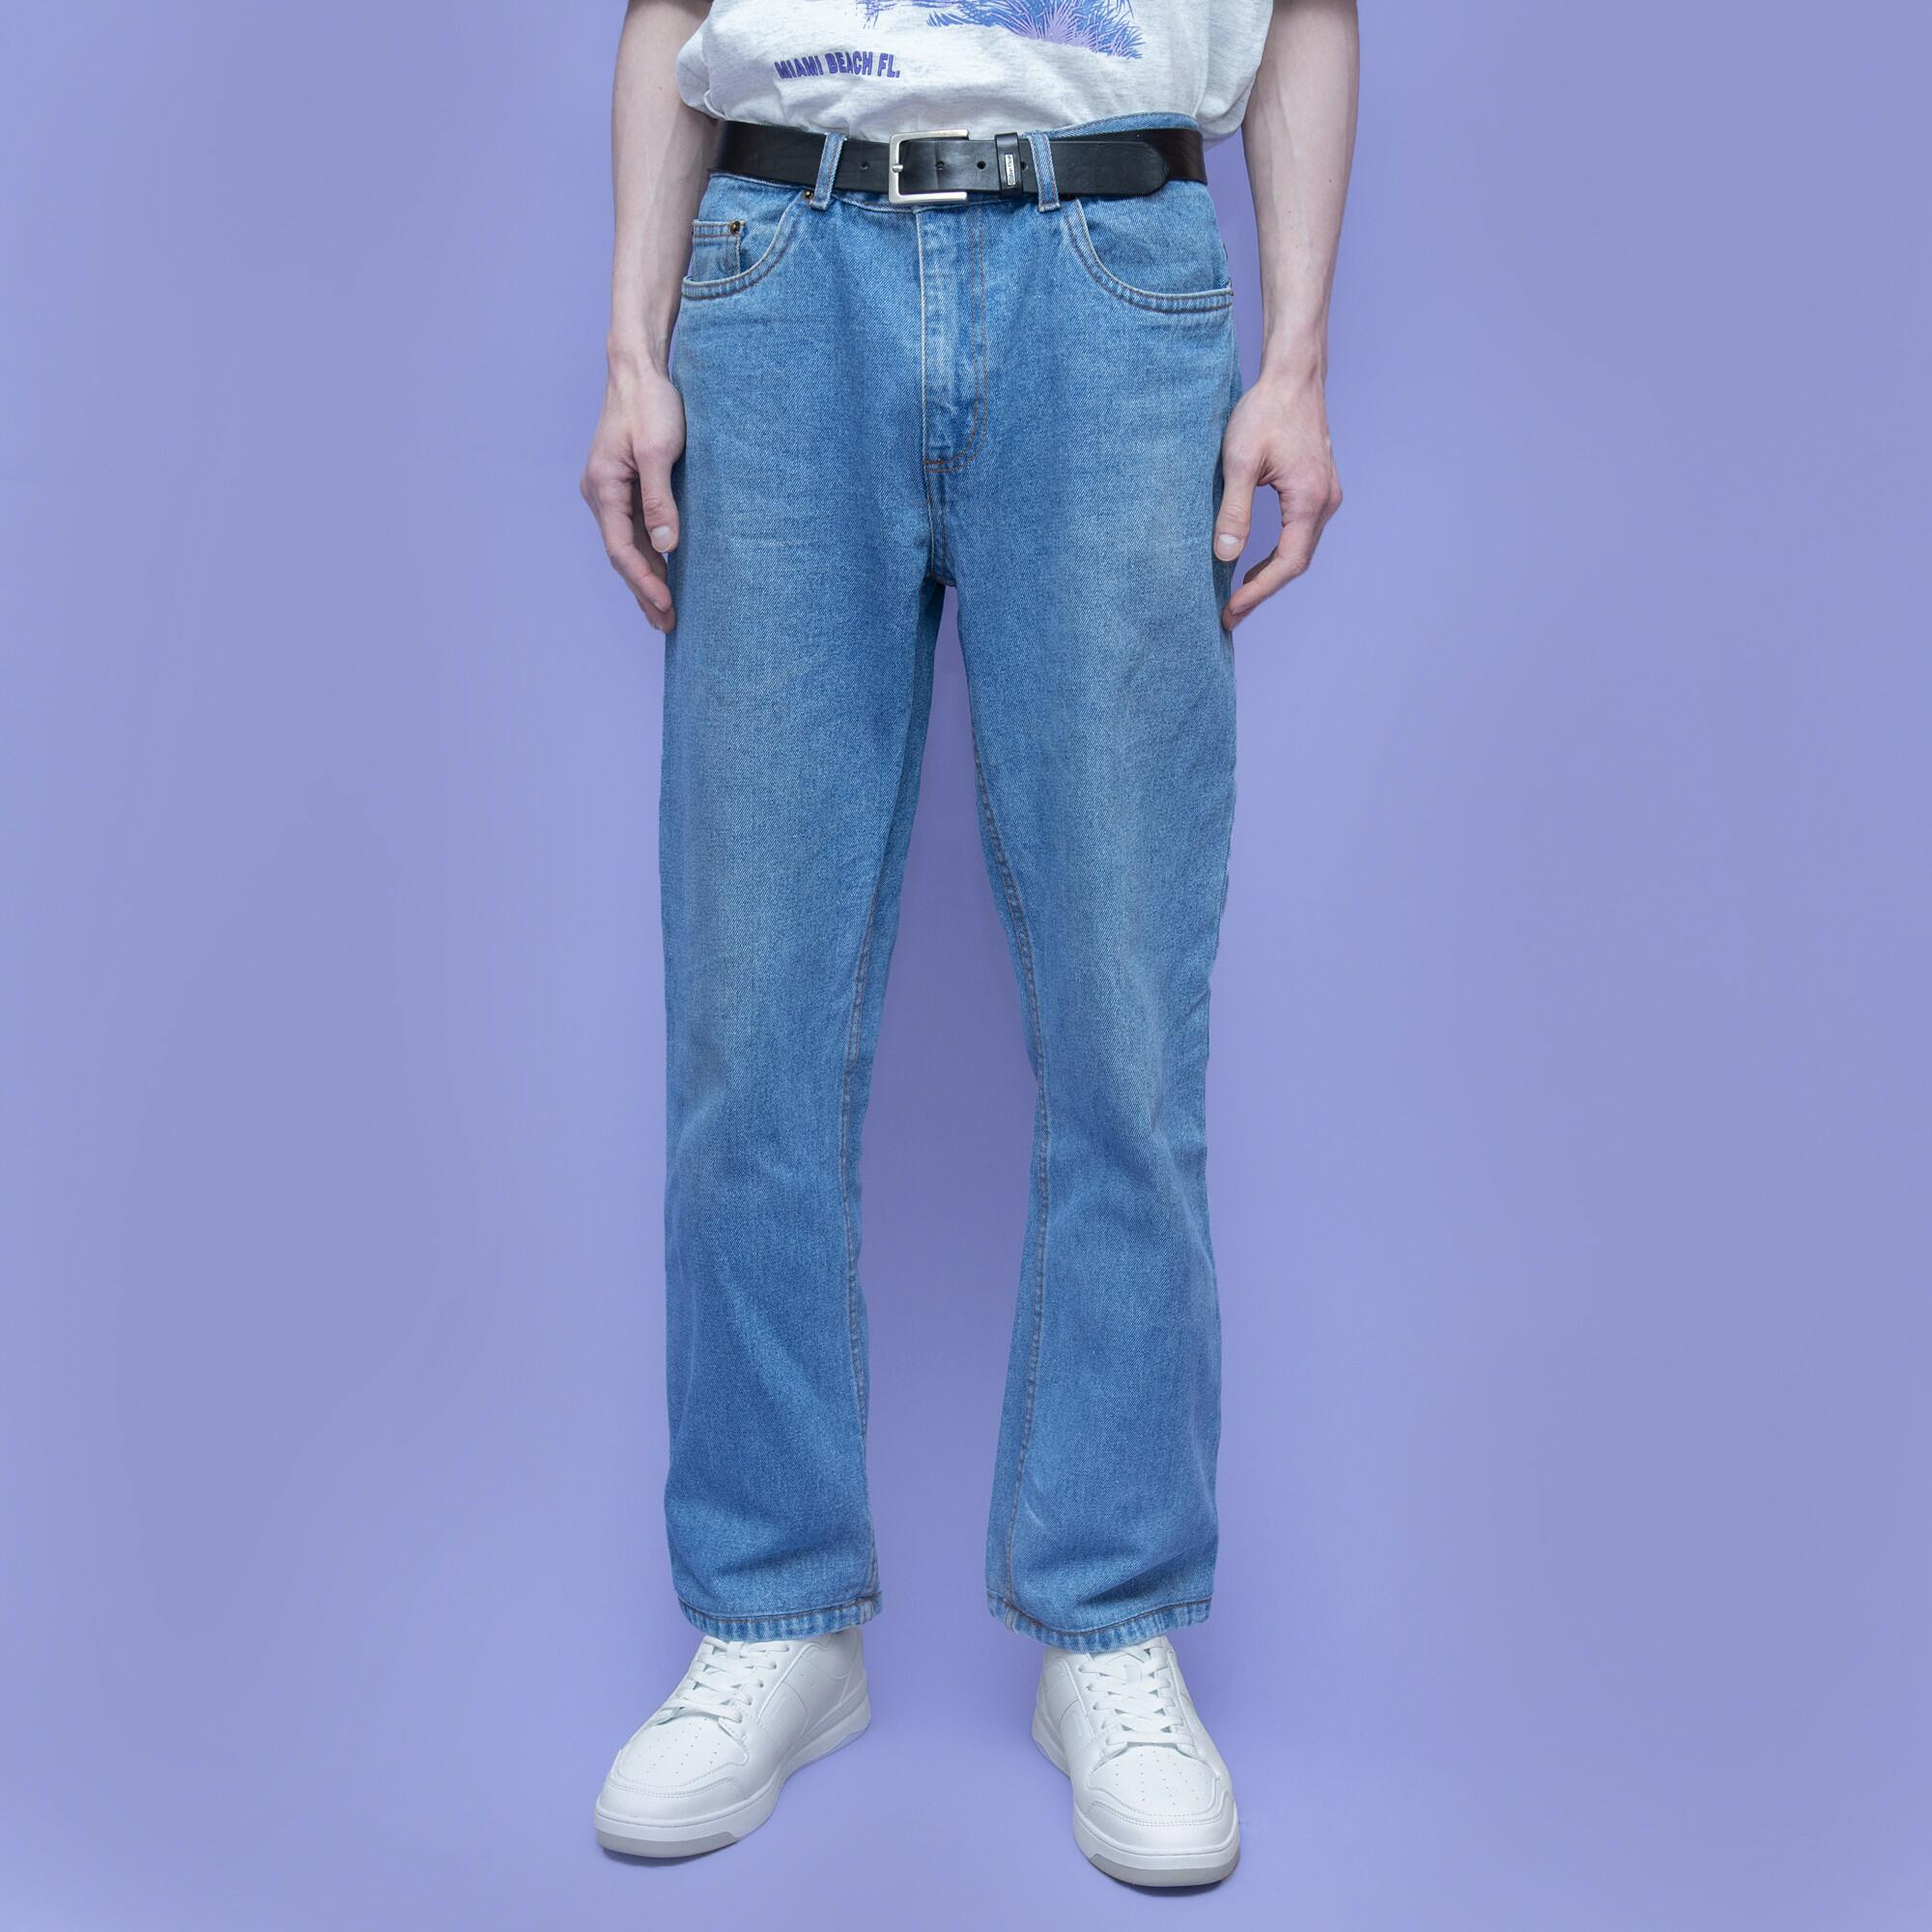 Jasnoniebieskie męskie jeansy - KEX Vintage Store | JestemSlow.pl